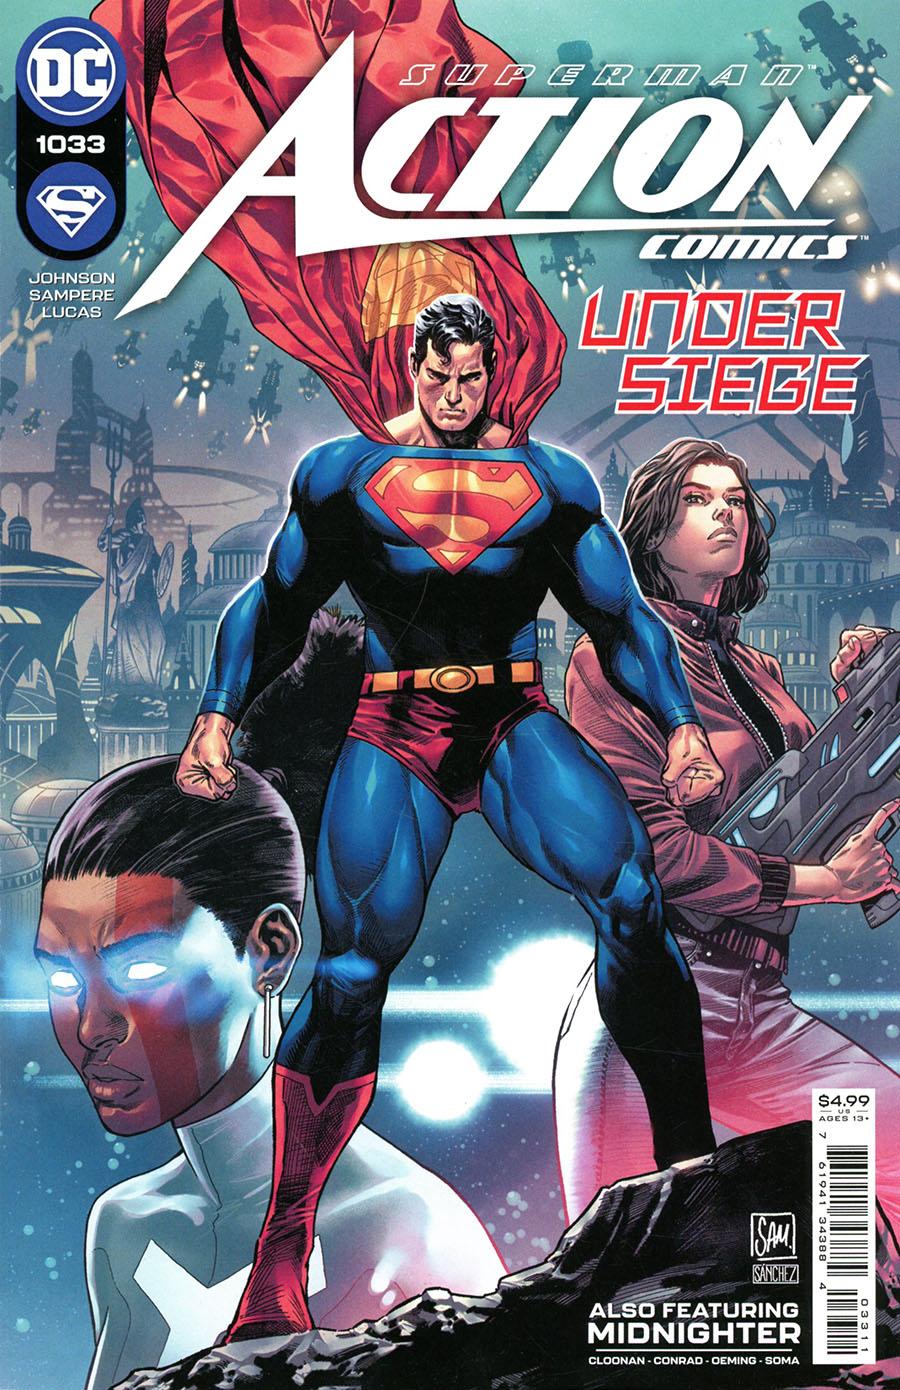 Action Comics Vol 2 #1033 Cover A Regular Daniel Sampere Cover